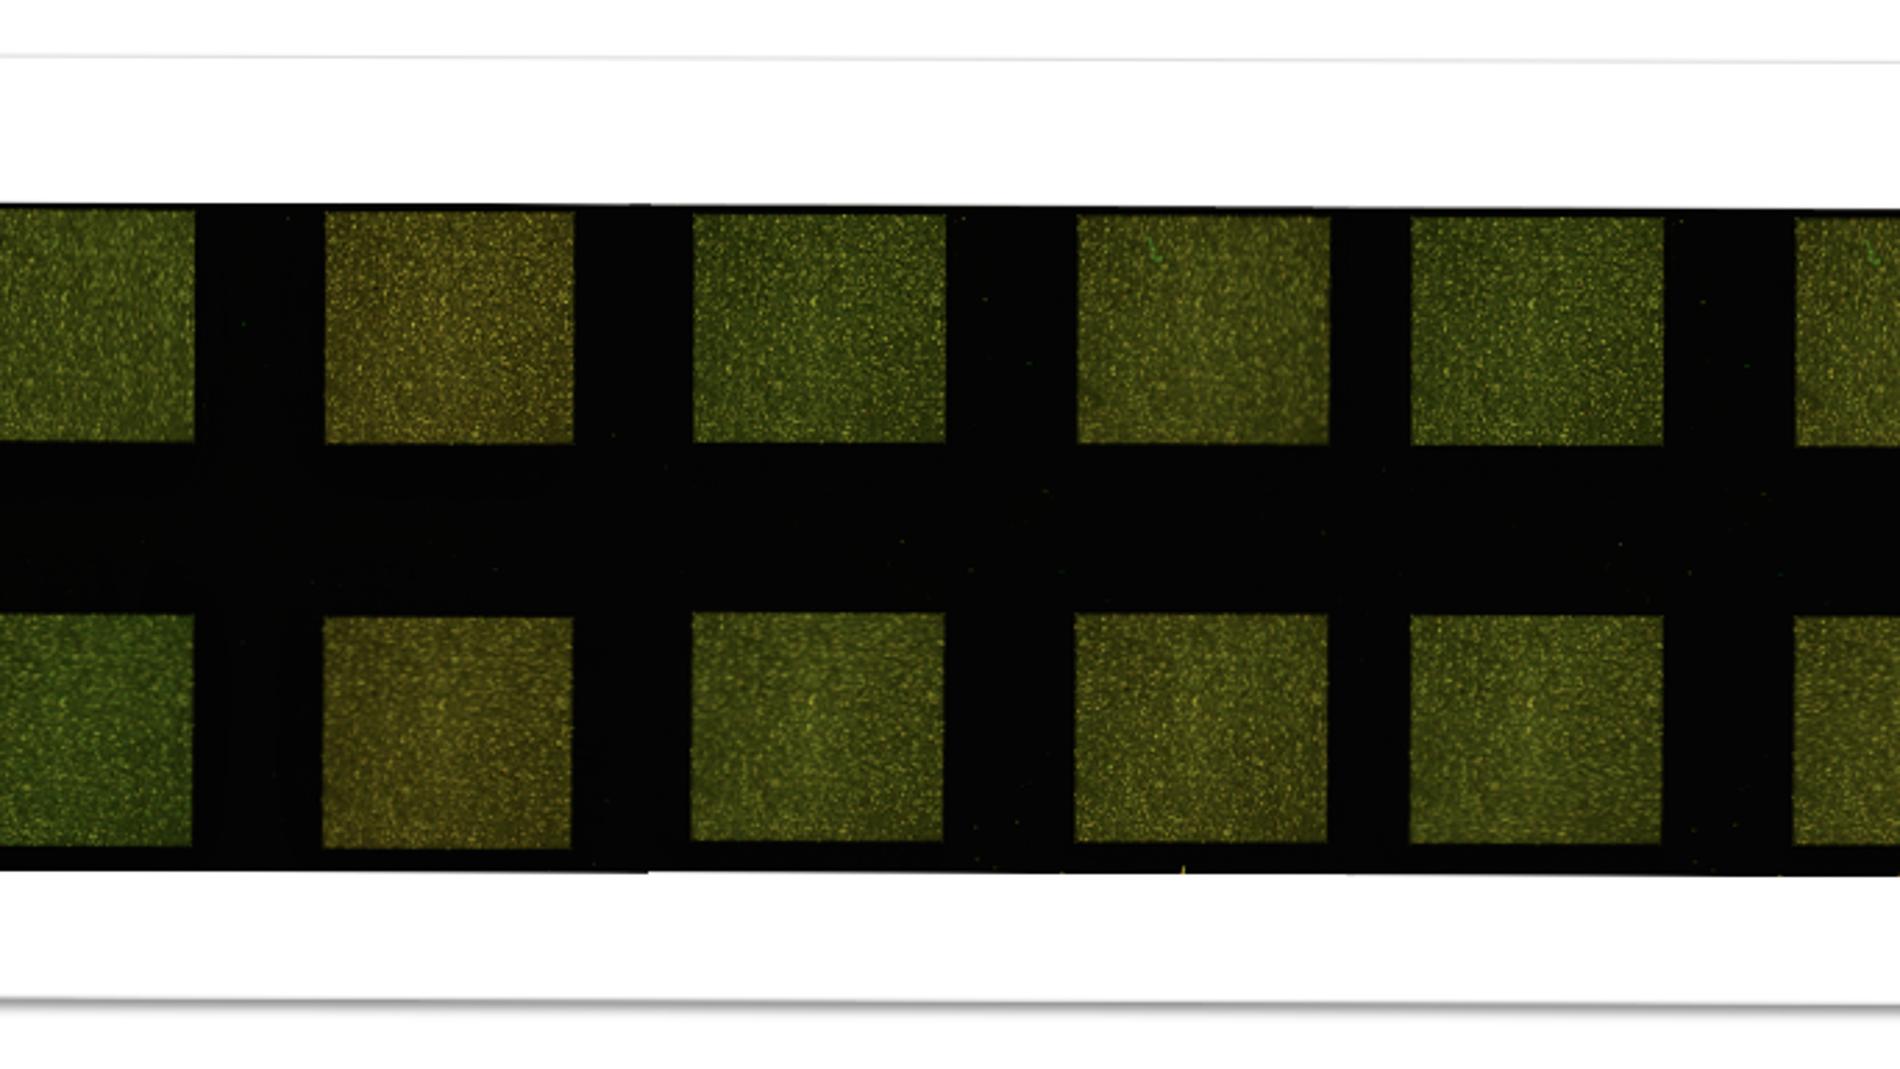 Microarray desarrollado por qGenomics